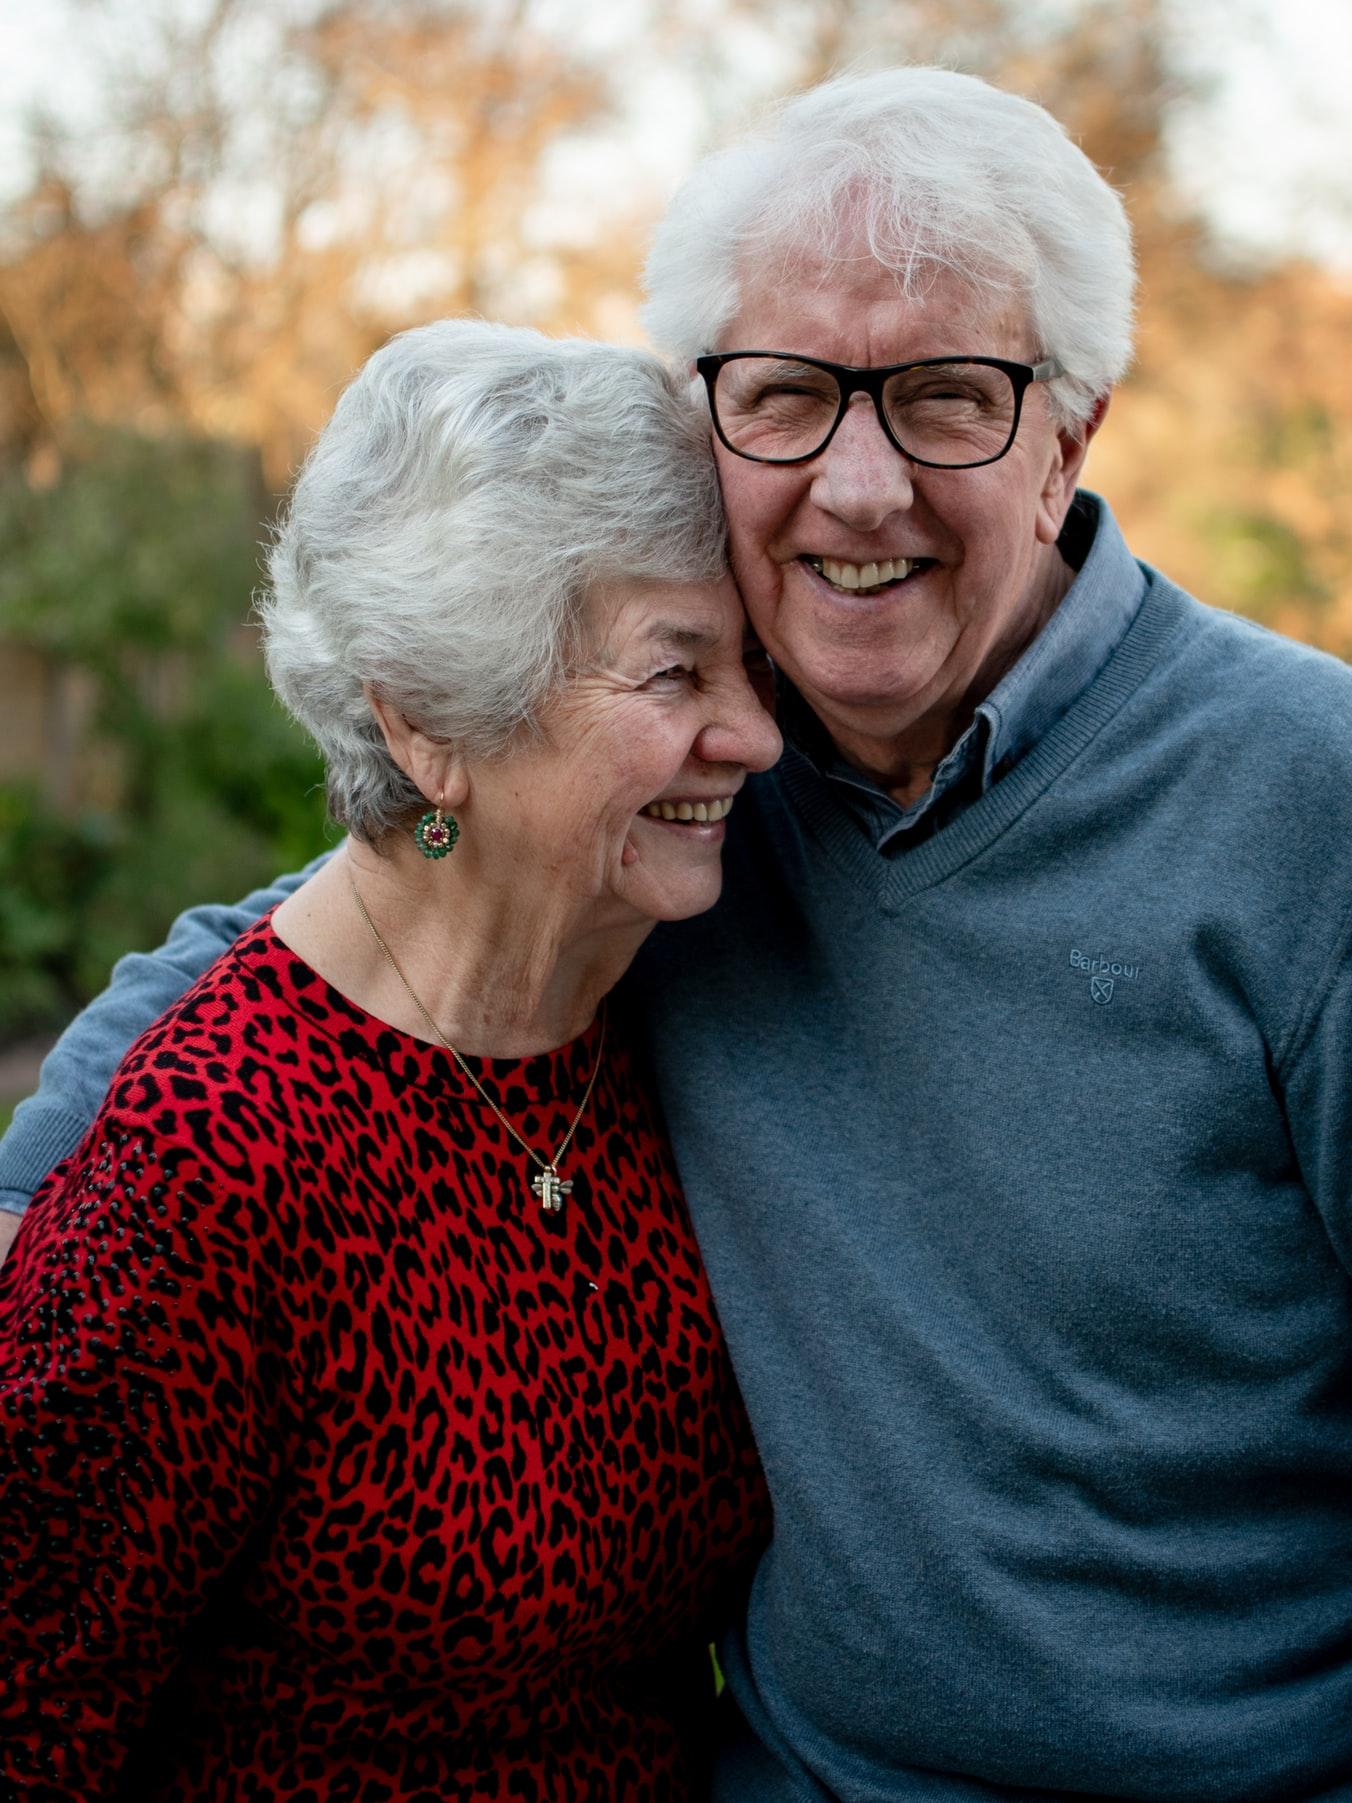 Existem inúmeras decisões favoráveis para a isenção do IR para servidores aposentados, não apenas invalidez ou que a doença do trabalho tenha motivado essa aposentadoria